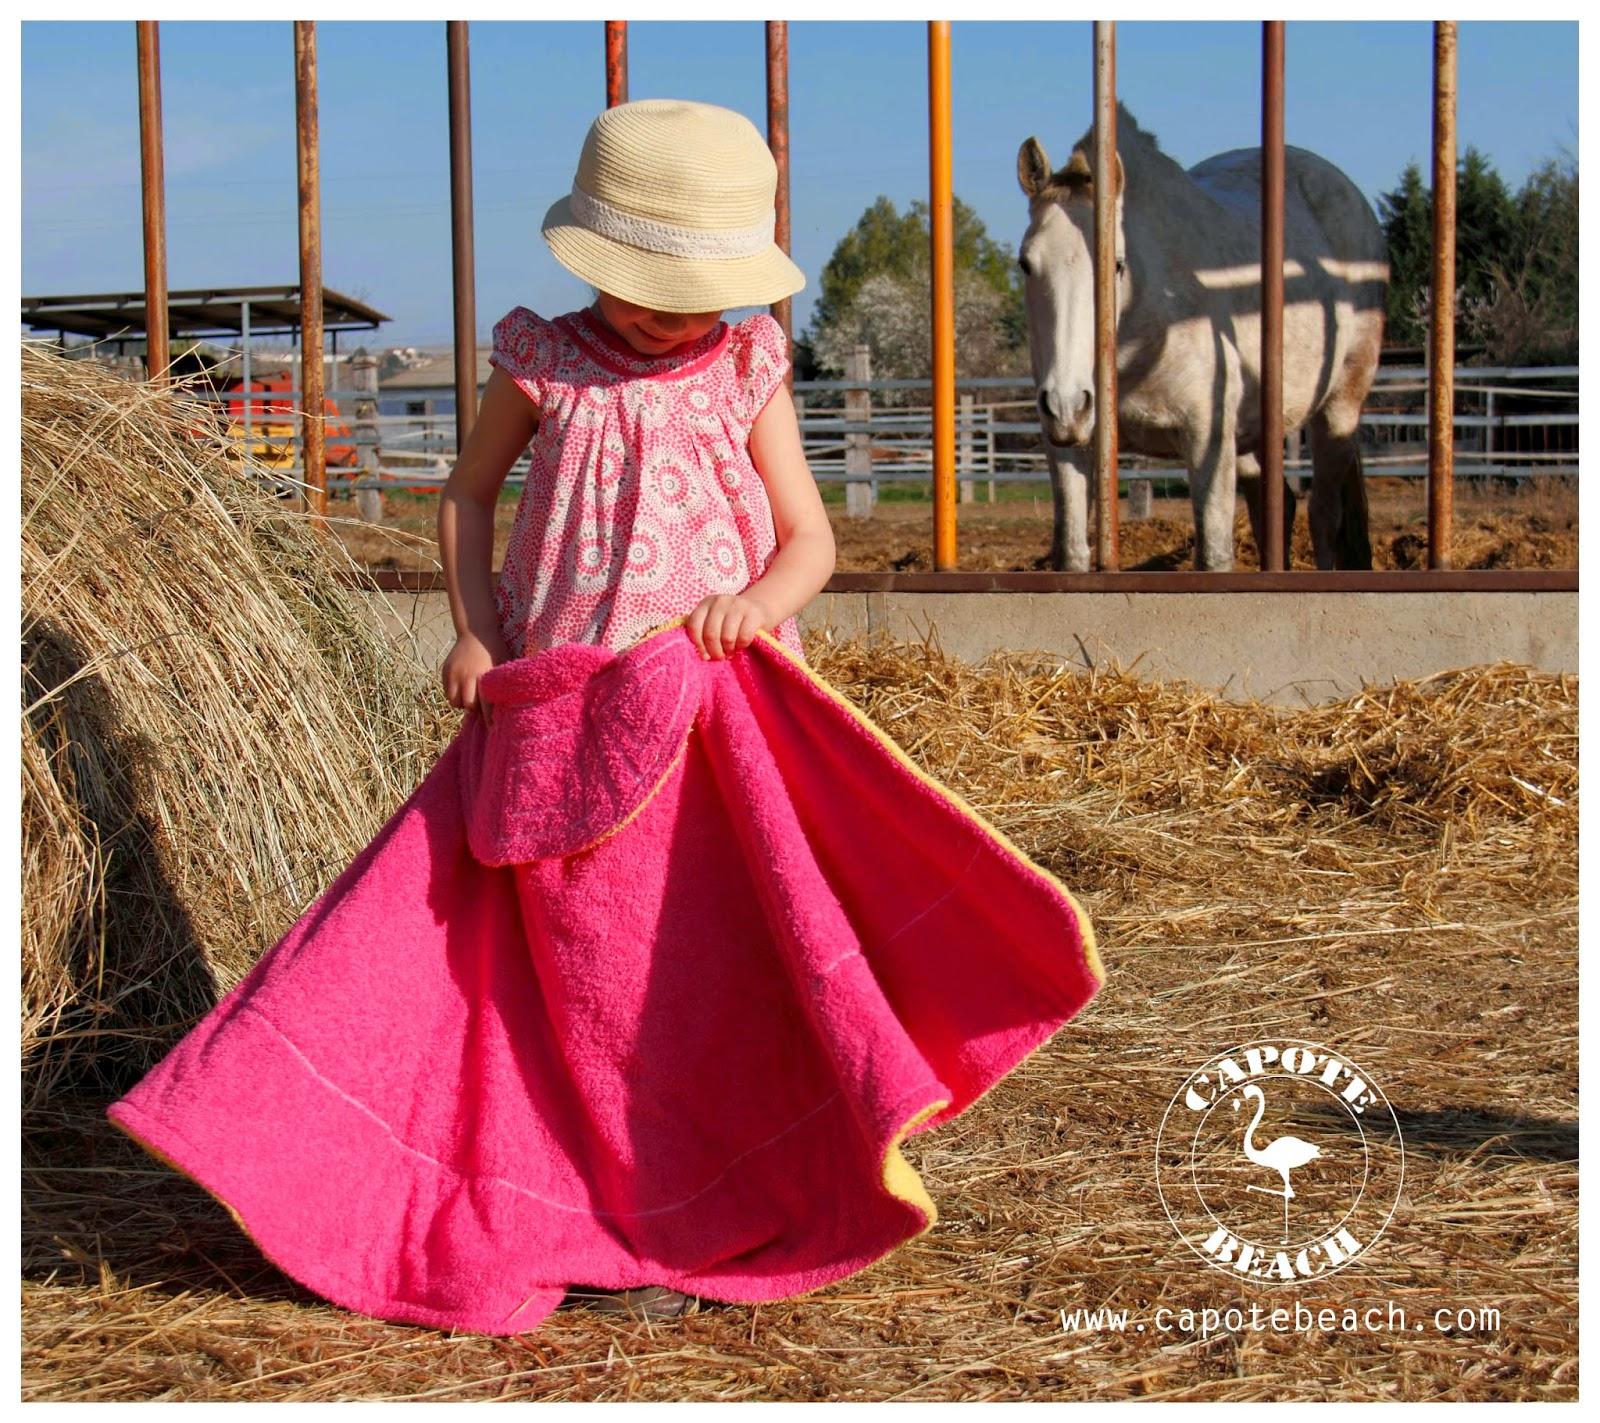 Toalla de Capote Beach hechas a mano también para niños